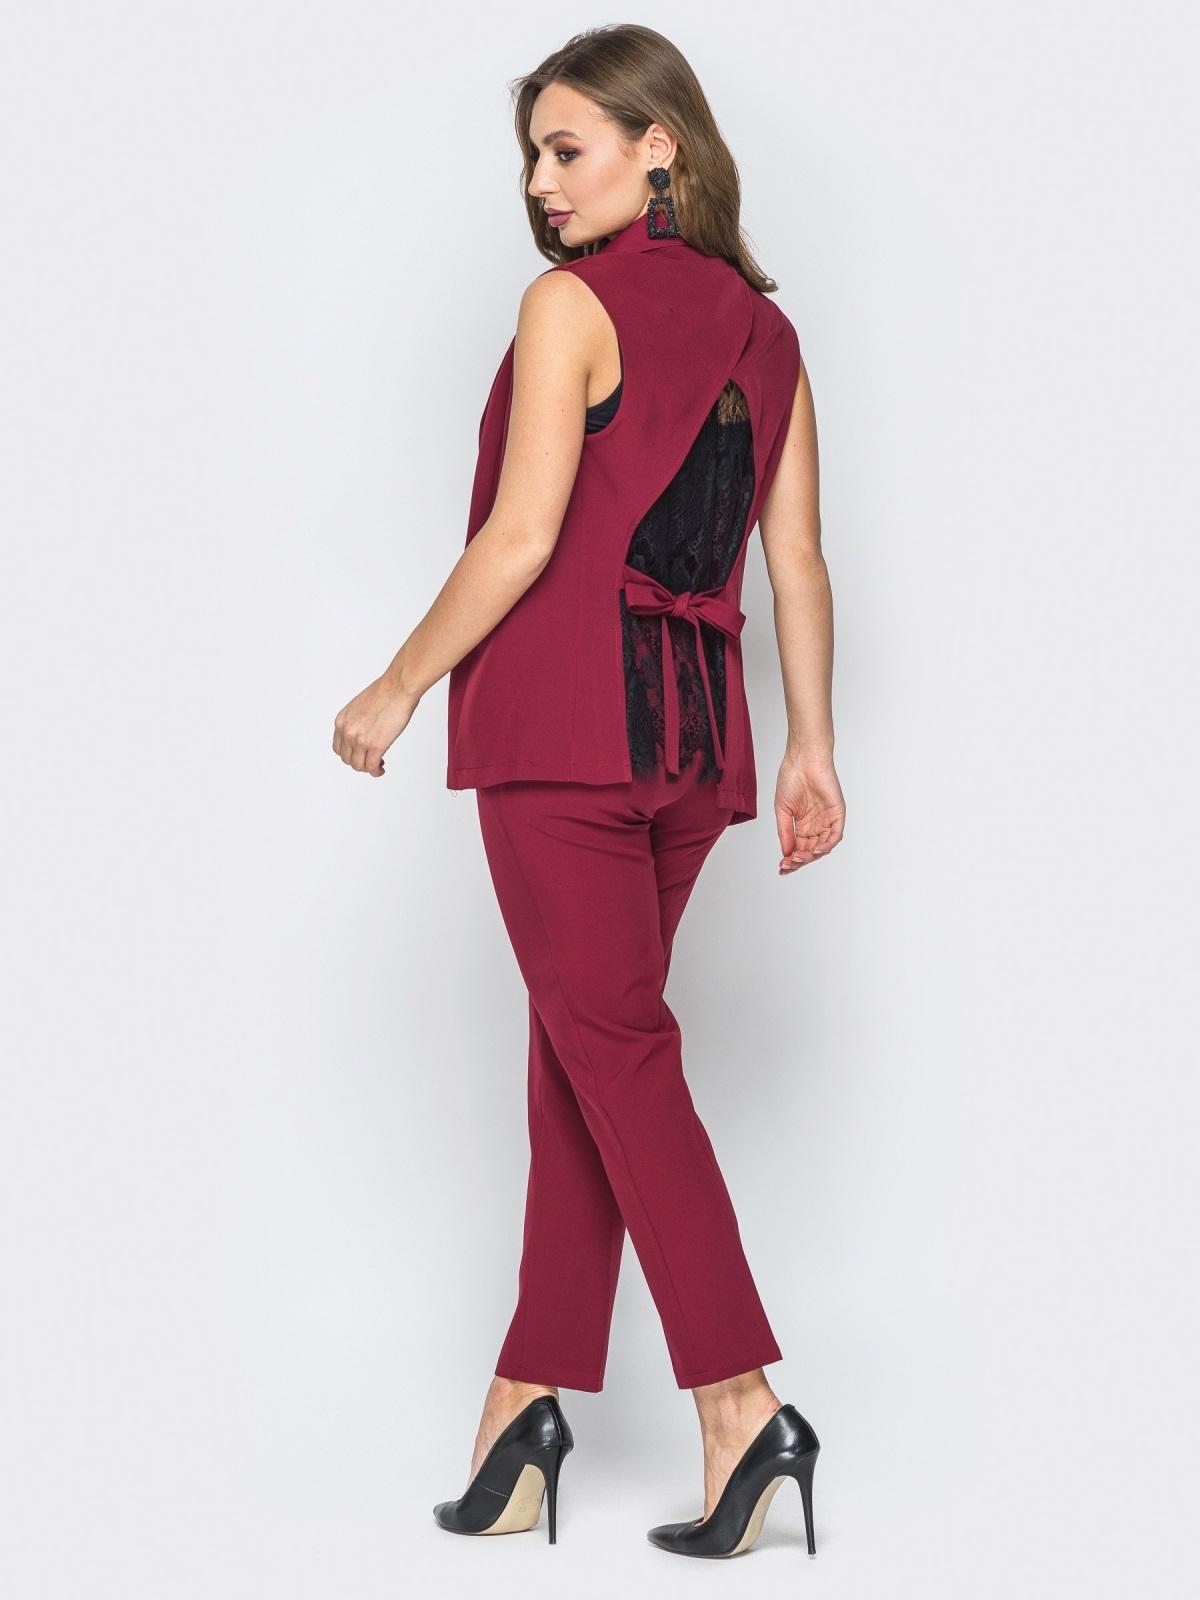 Бордовый комплект из жилета с гипюровой спинкой и брюк - 19612, фото 1 – интернет-магазин Dressa